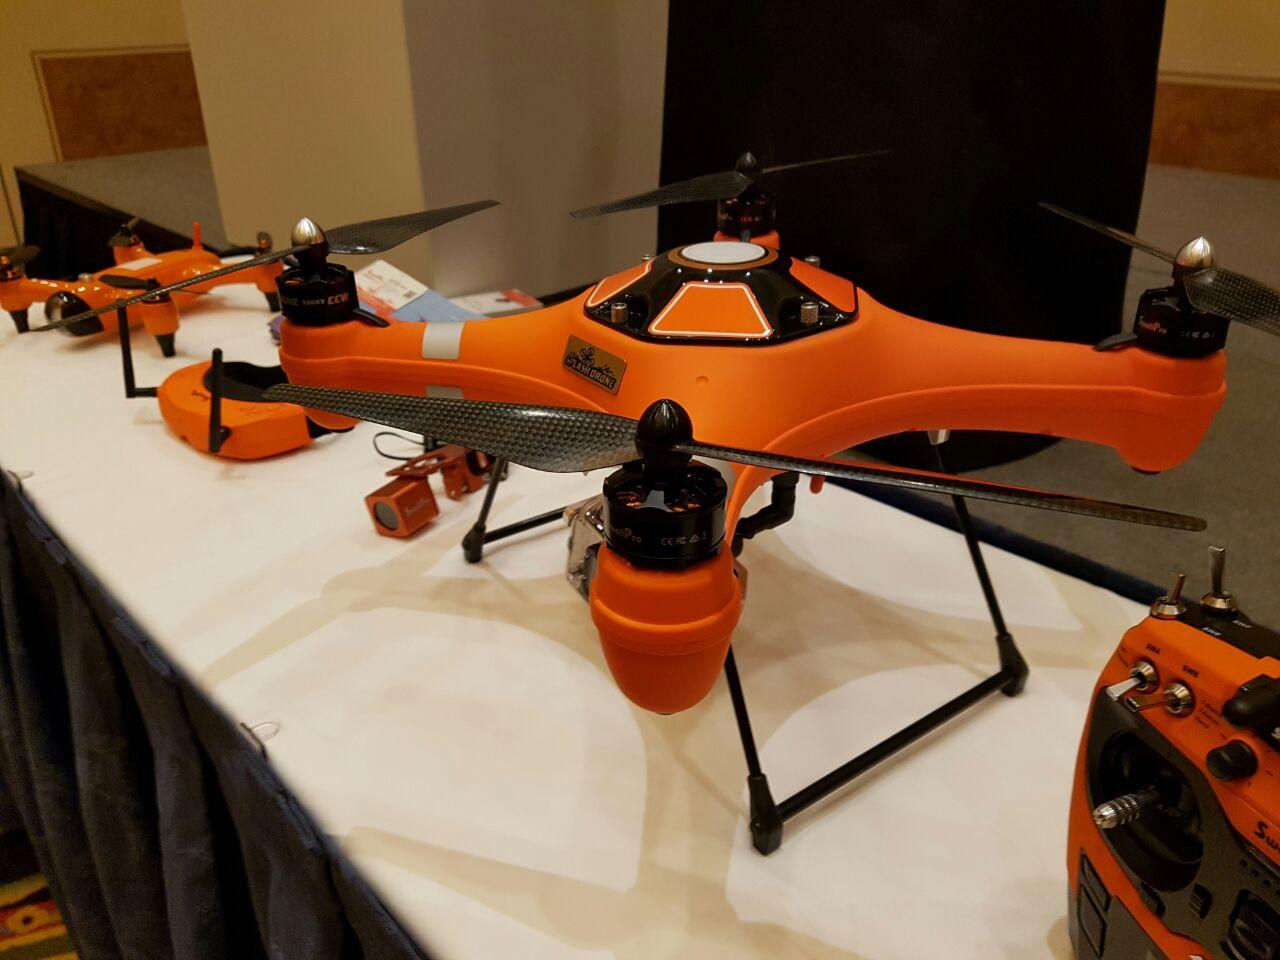 dron swell pro ces17-9